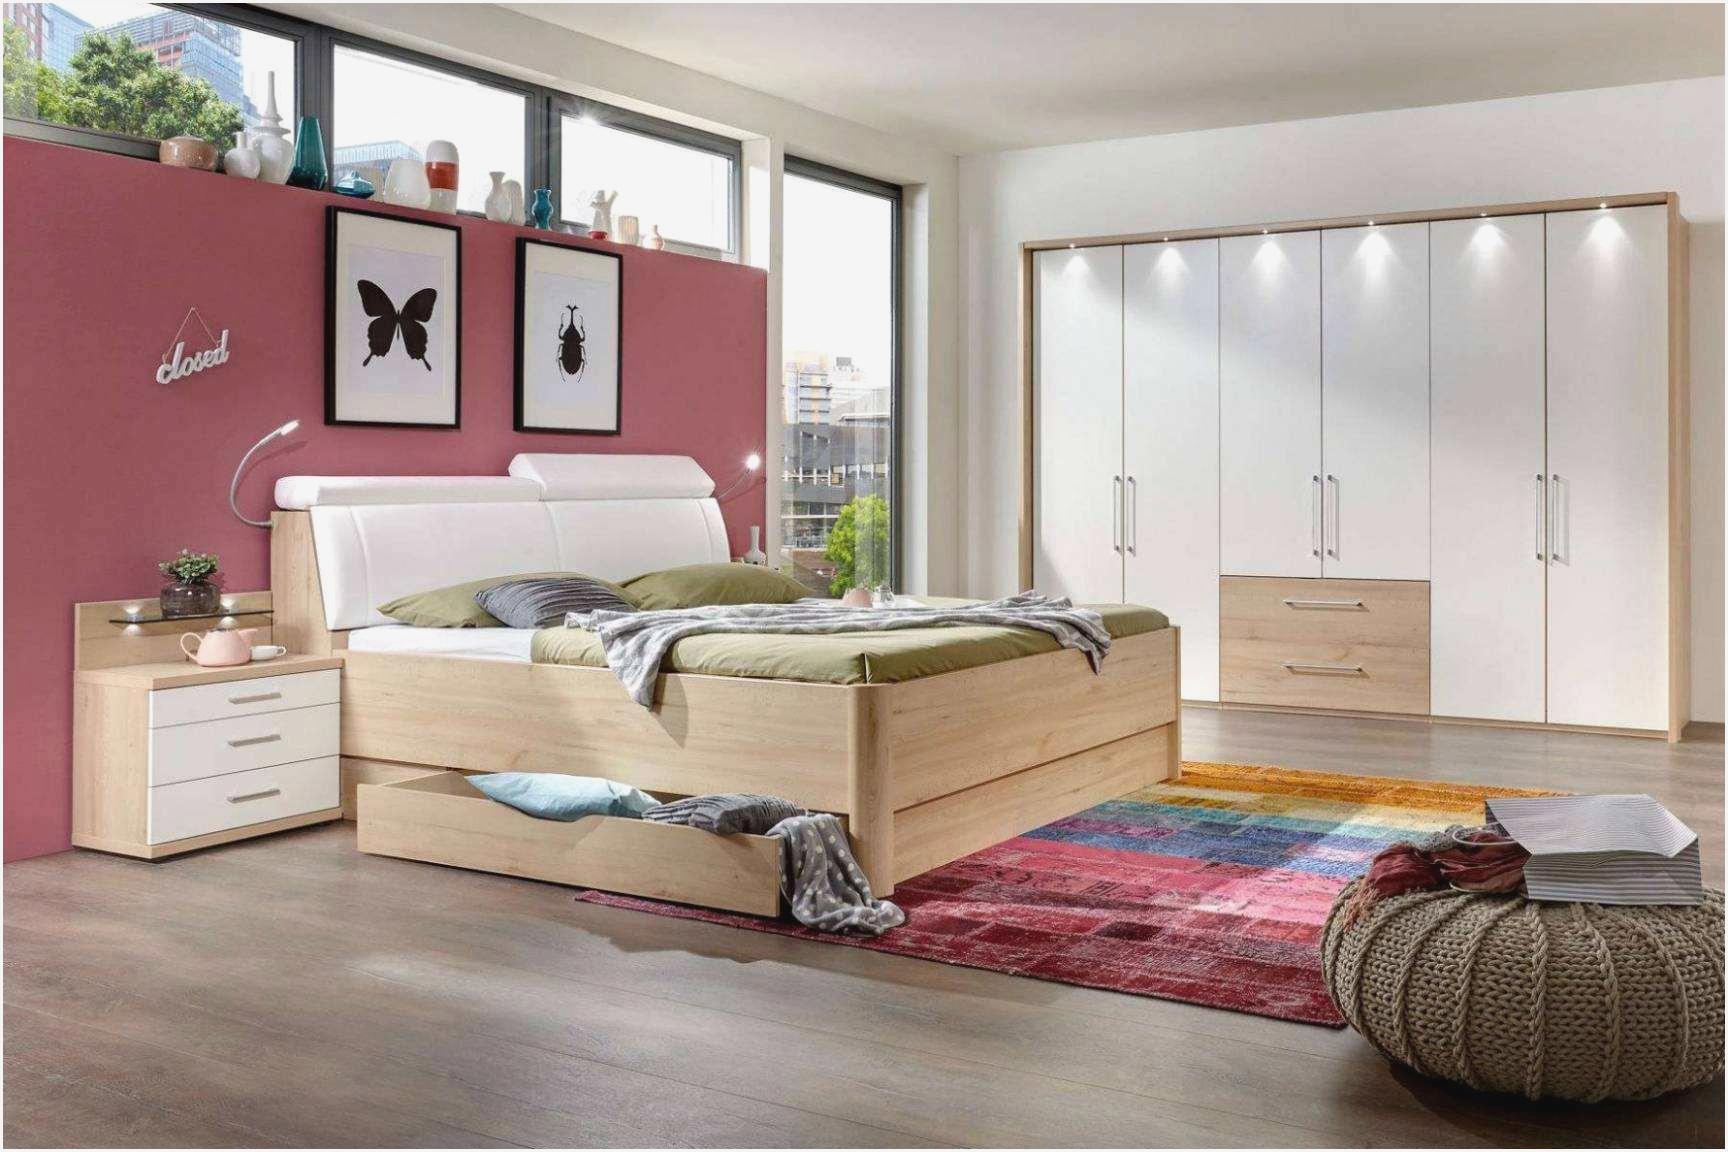 Full Size of Bett Schrank Mit Schrankwand Schrankbett 180x200 Schreibtisch Kombination Und Kombiniert Ikea 140x200 Couch Set Jugend Bett/schrank Kombination Amazon Ebay 140 Bett Bett Schrank